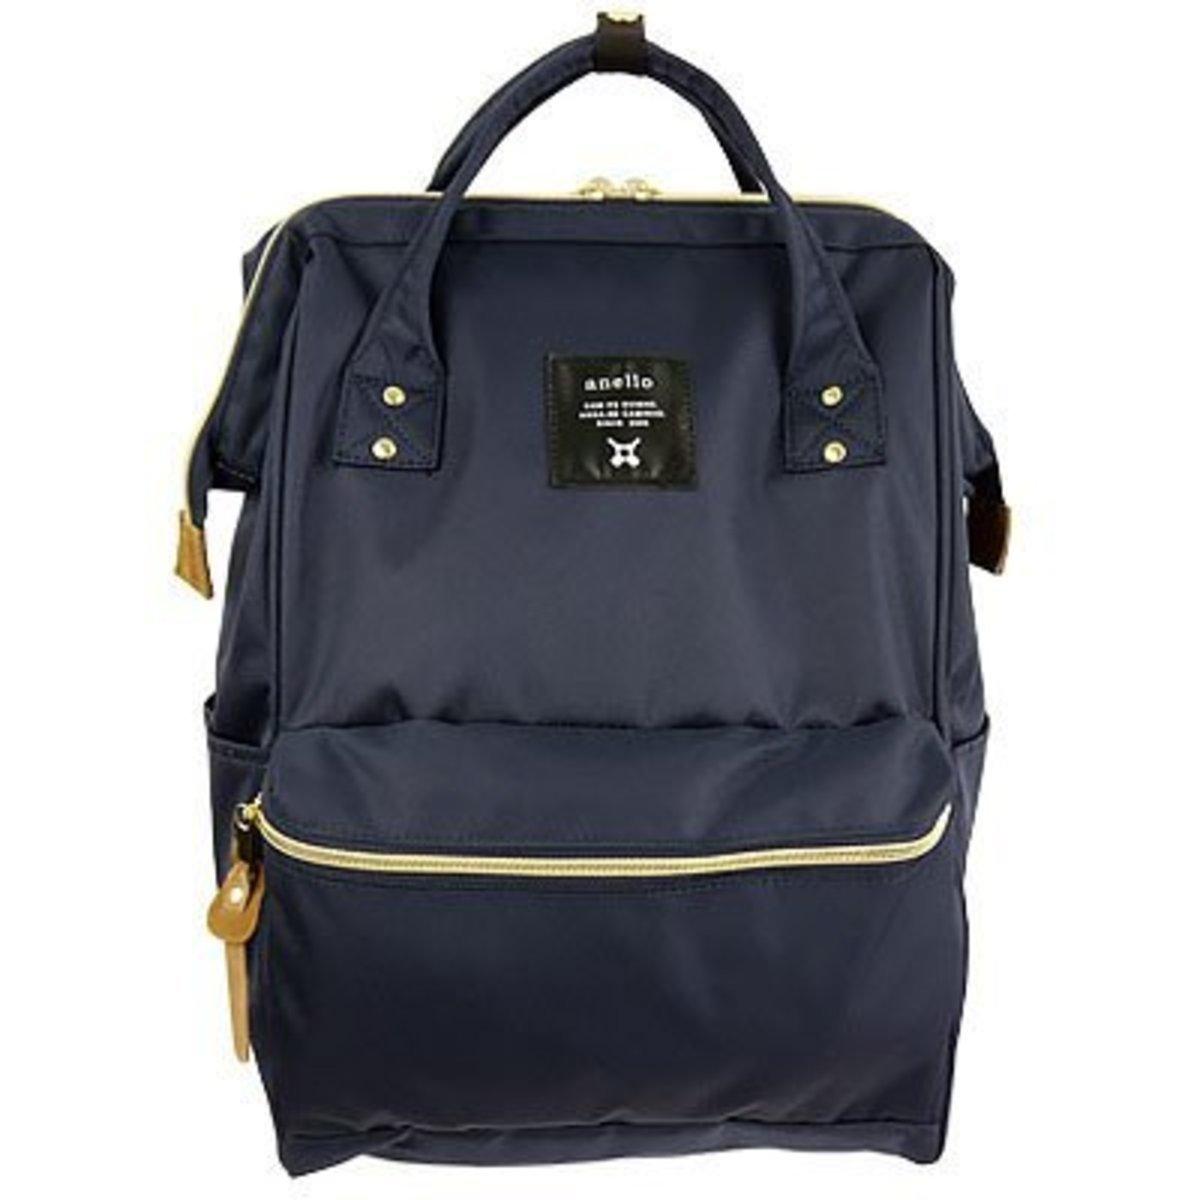 大背包 ATB0193A-深藍色